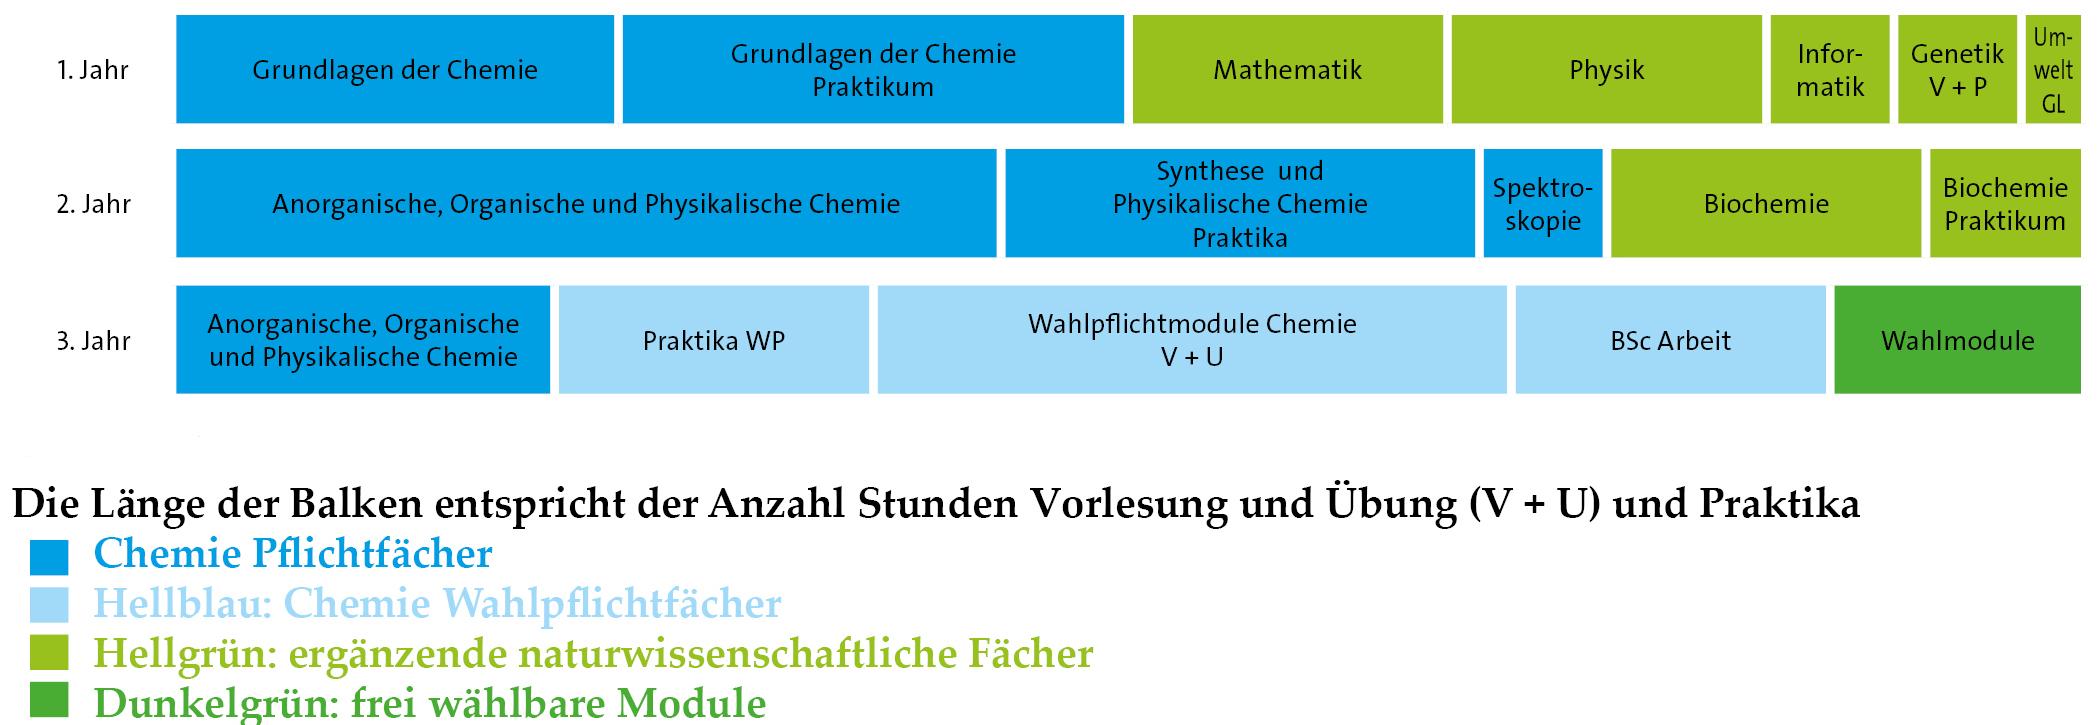 Arbeit mit chemie bachelor antrag auf aufnahme nach dem bundesvertriebenengesetz muster